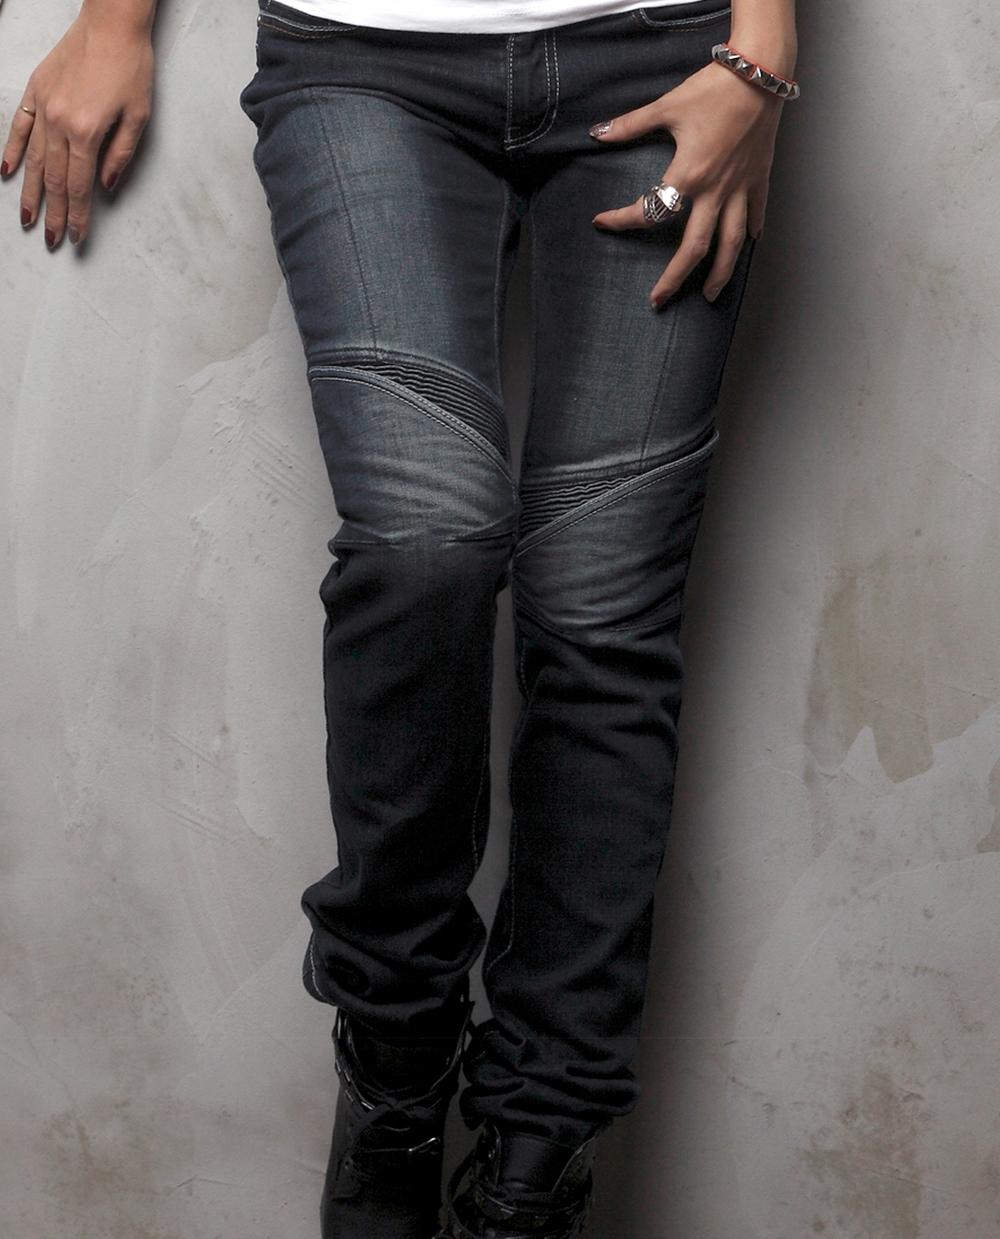 uglybros_aegis_k_womens_motorcycle_kevlar_jeans.jpg